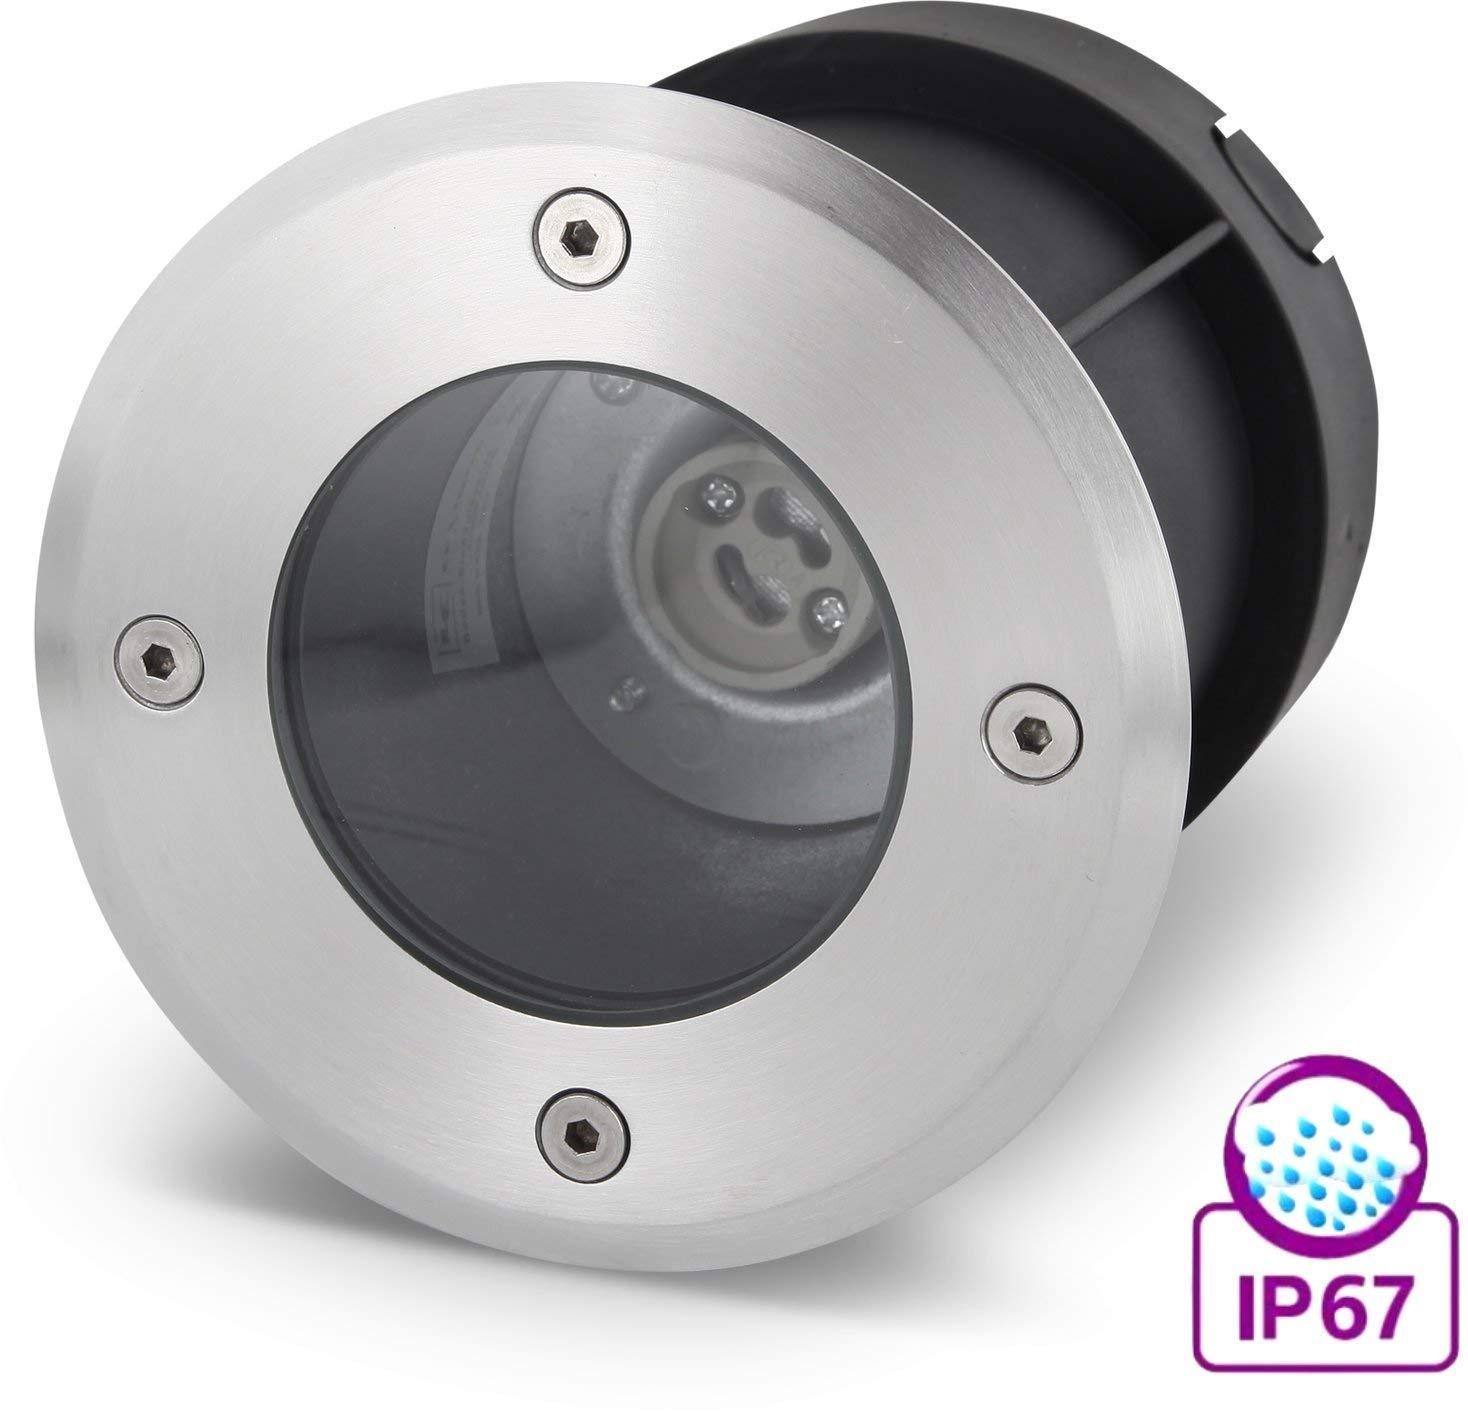 4x Bodeneinbaustrahler Rund ohne Leuchtmittel LED Halogen Durchschleifbar IP67